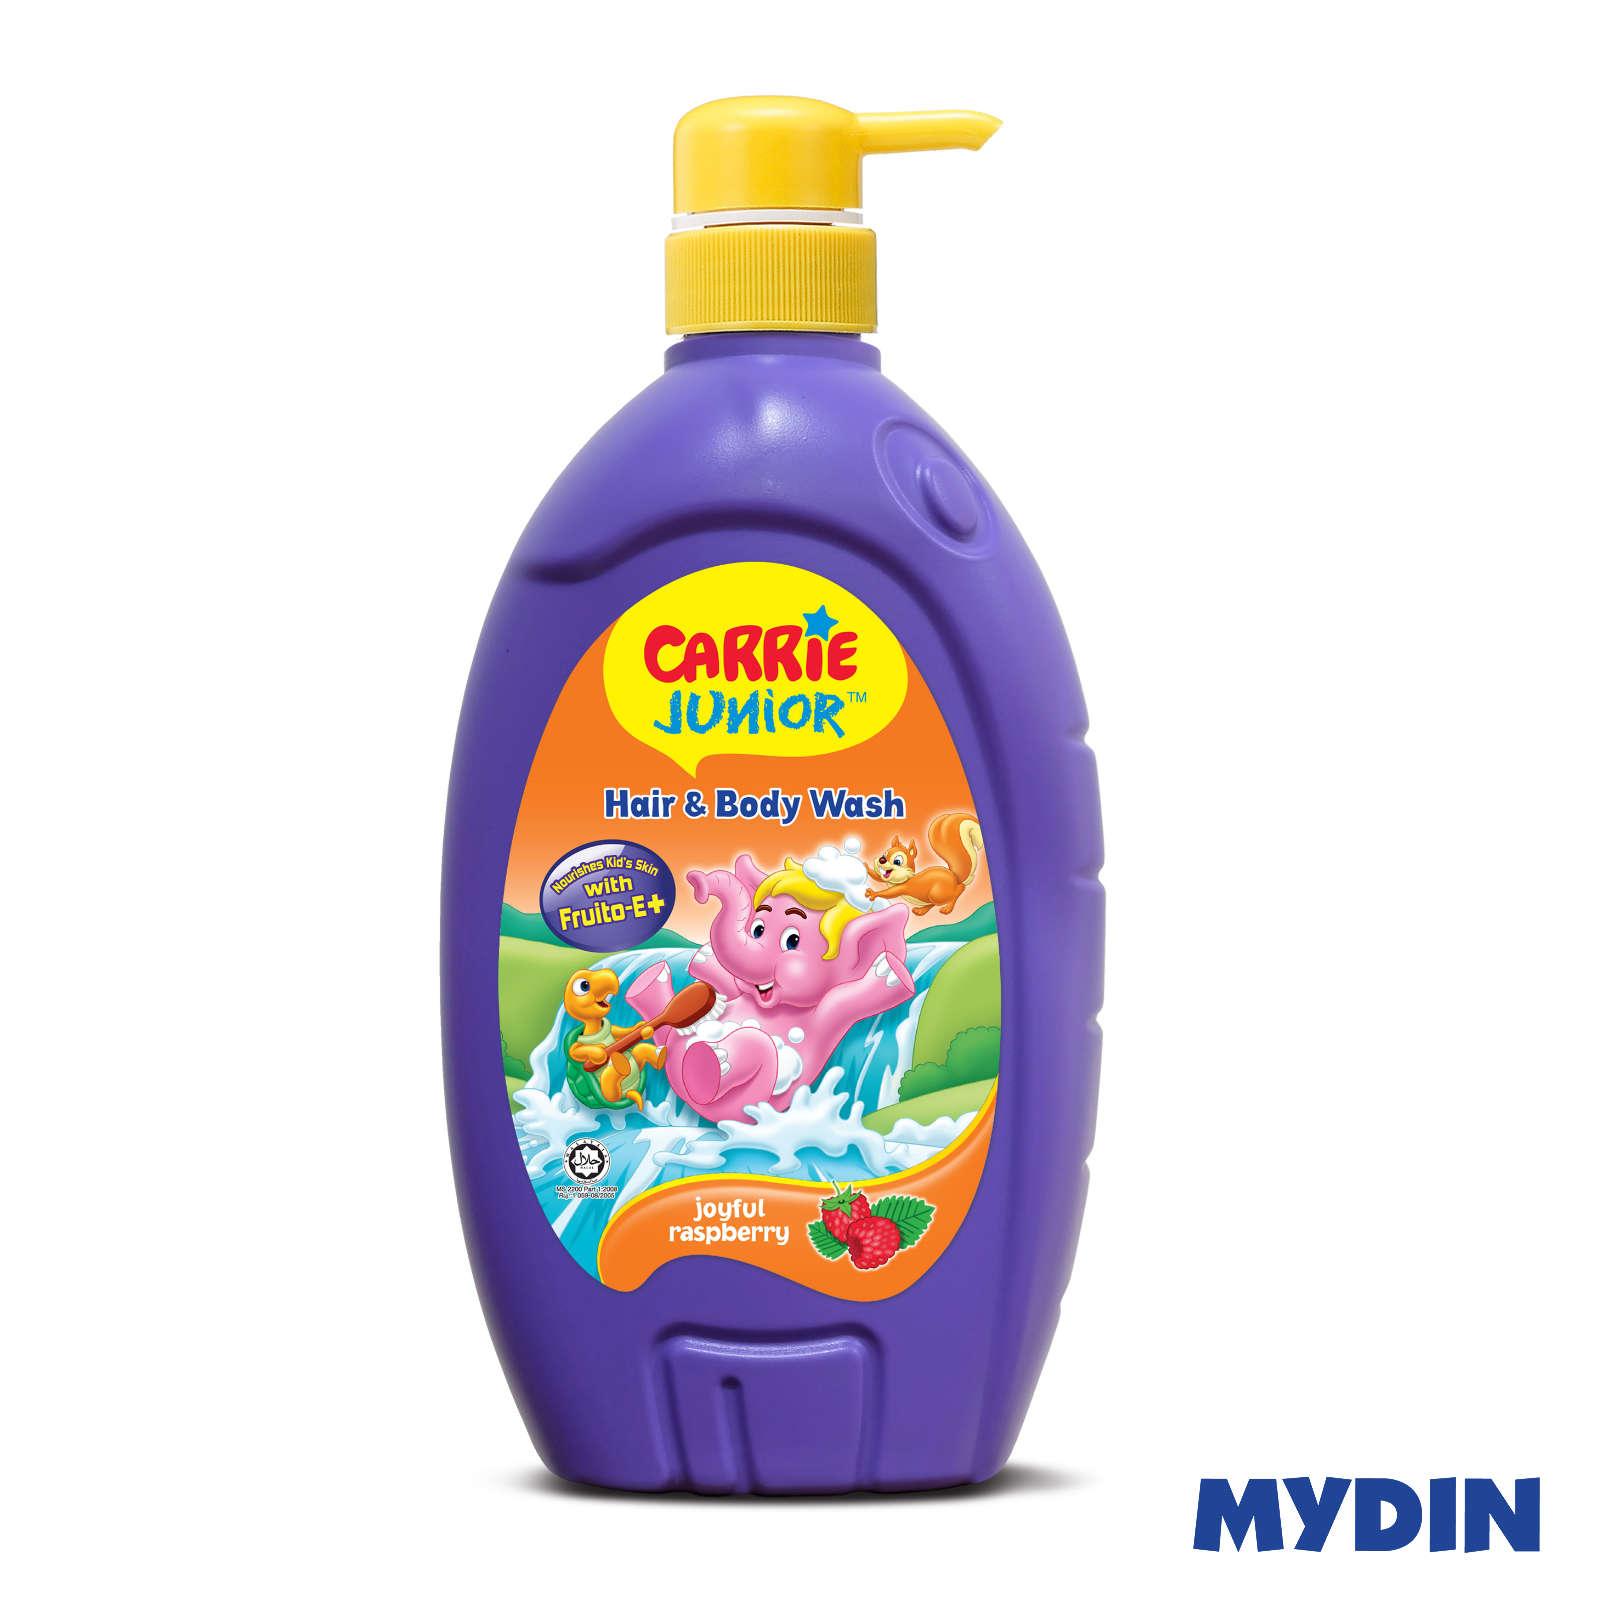 Carrie Junior Hair & Body Wash Joyful Raspberry (700ml)